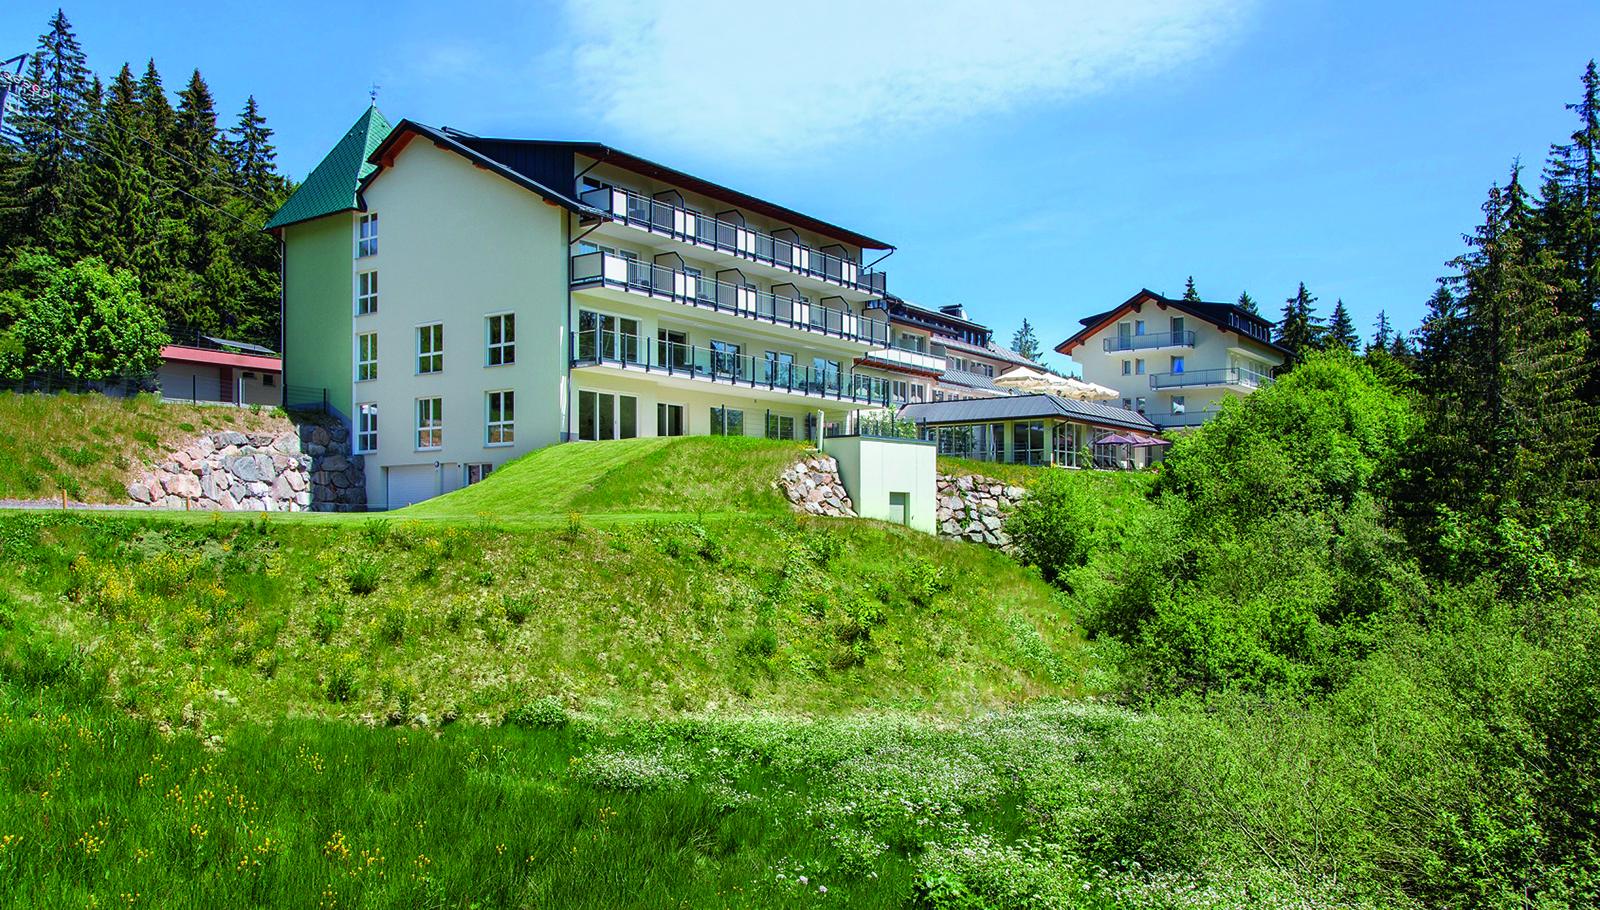 Bild 1 Belchenhotel